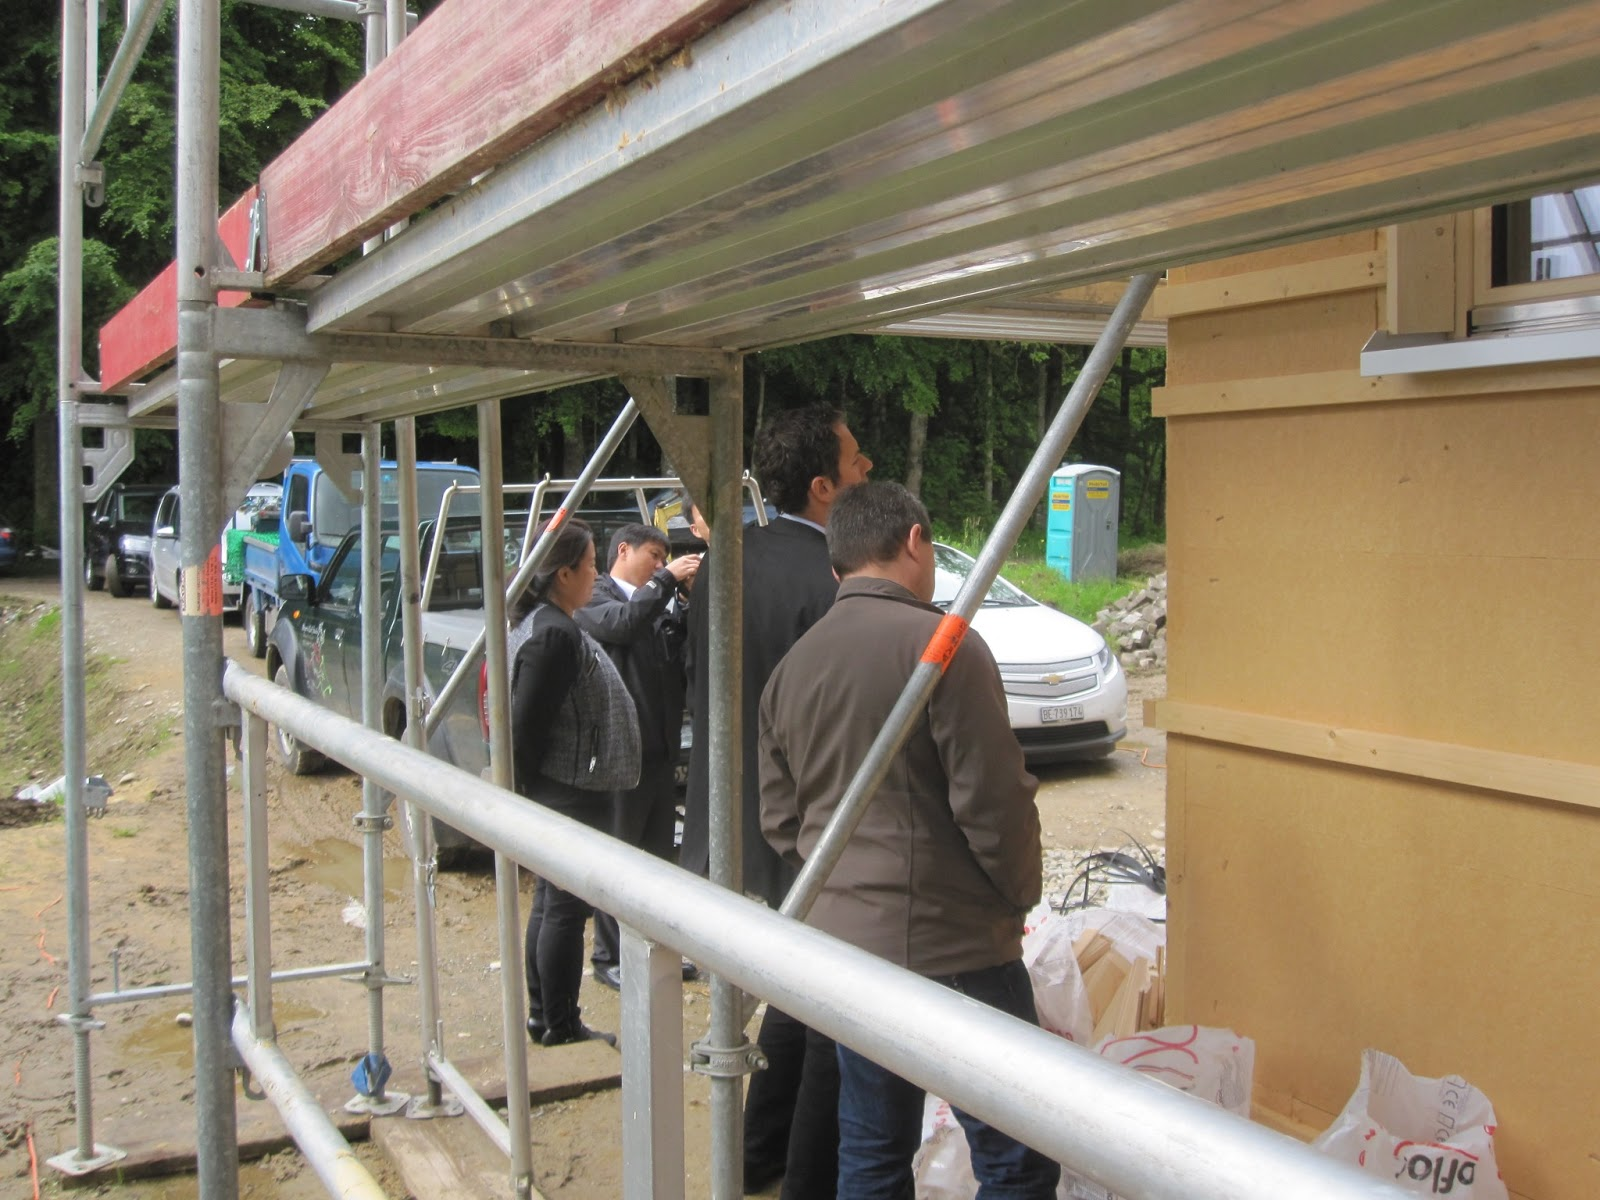 Haus bauen baustelle  Holzhaus - wir bauen ein Haus aus Holz: Fernöstlicher Besuch auf ...